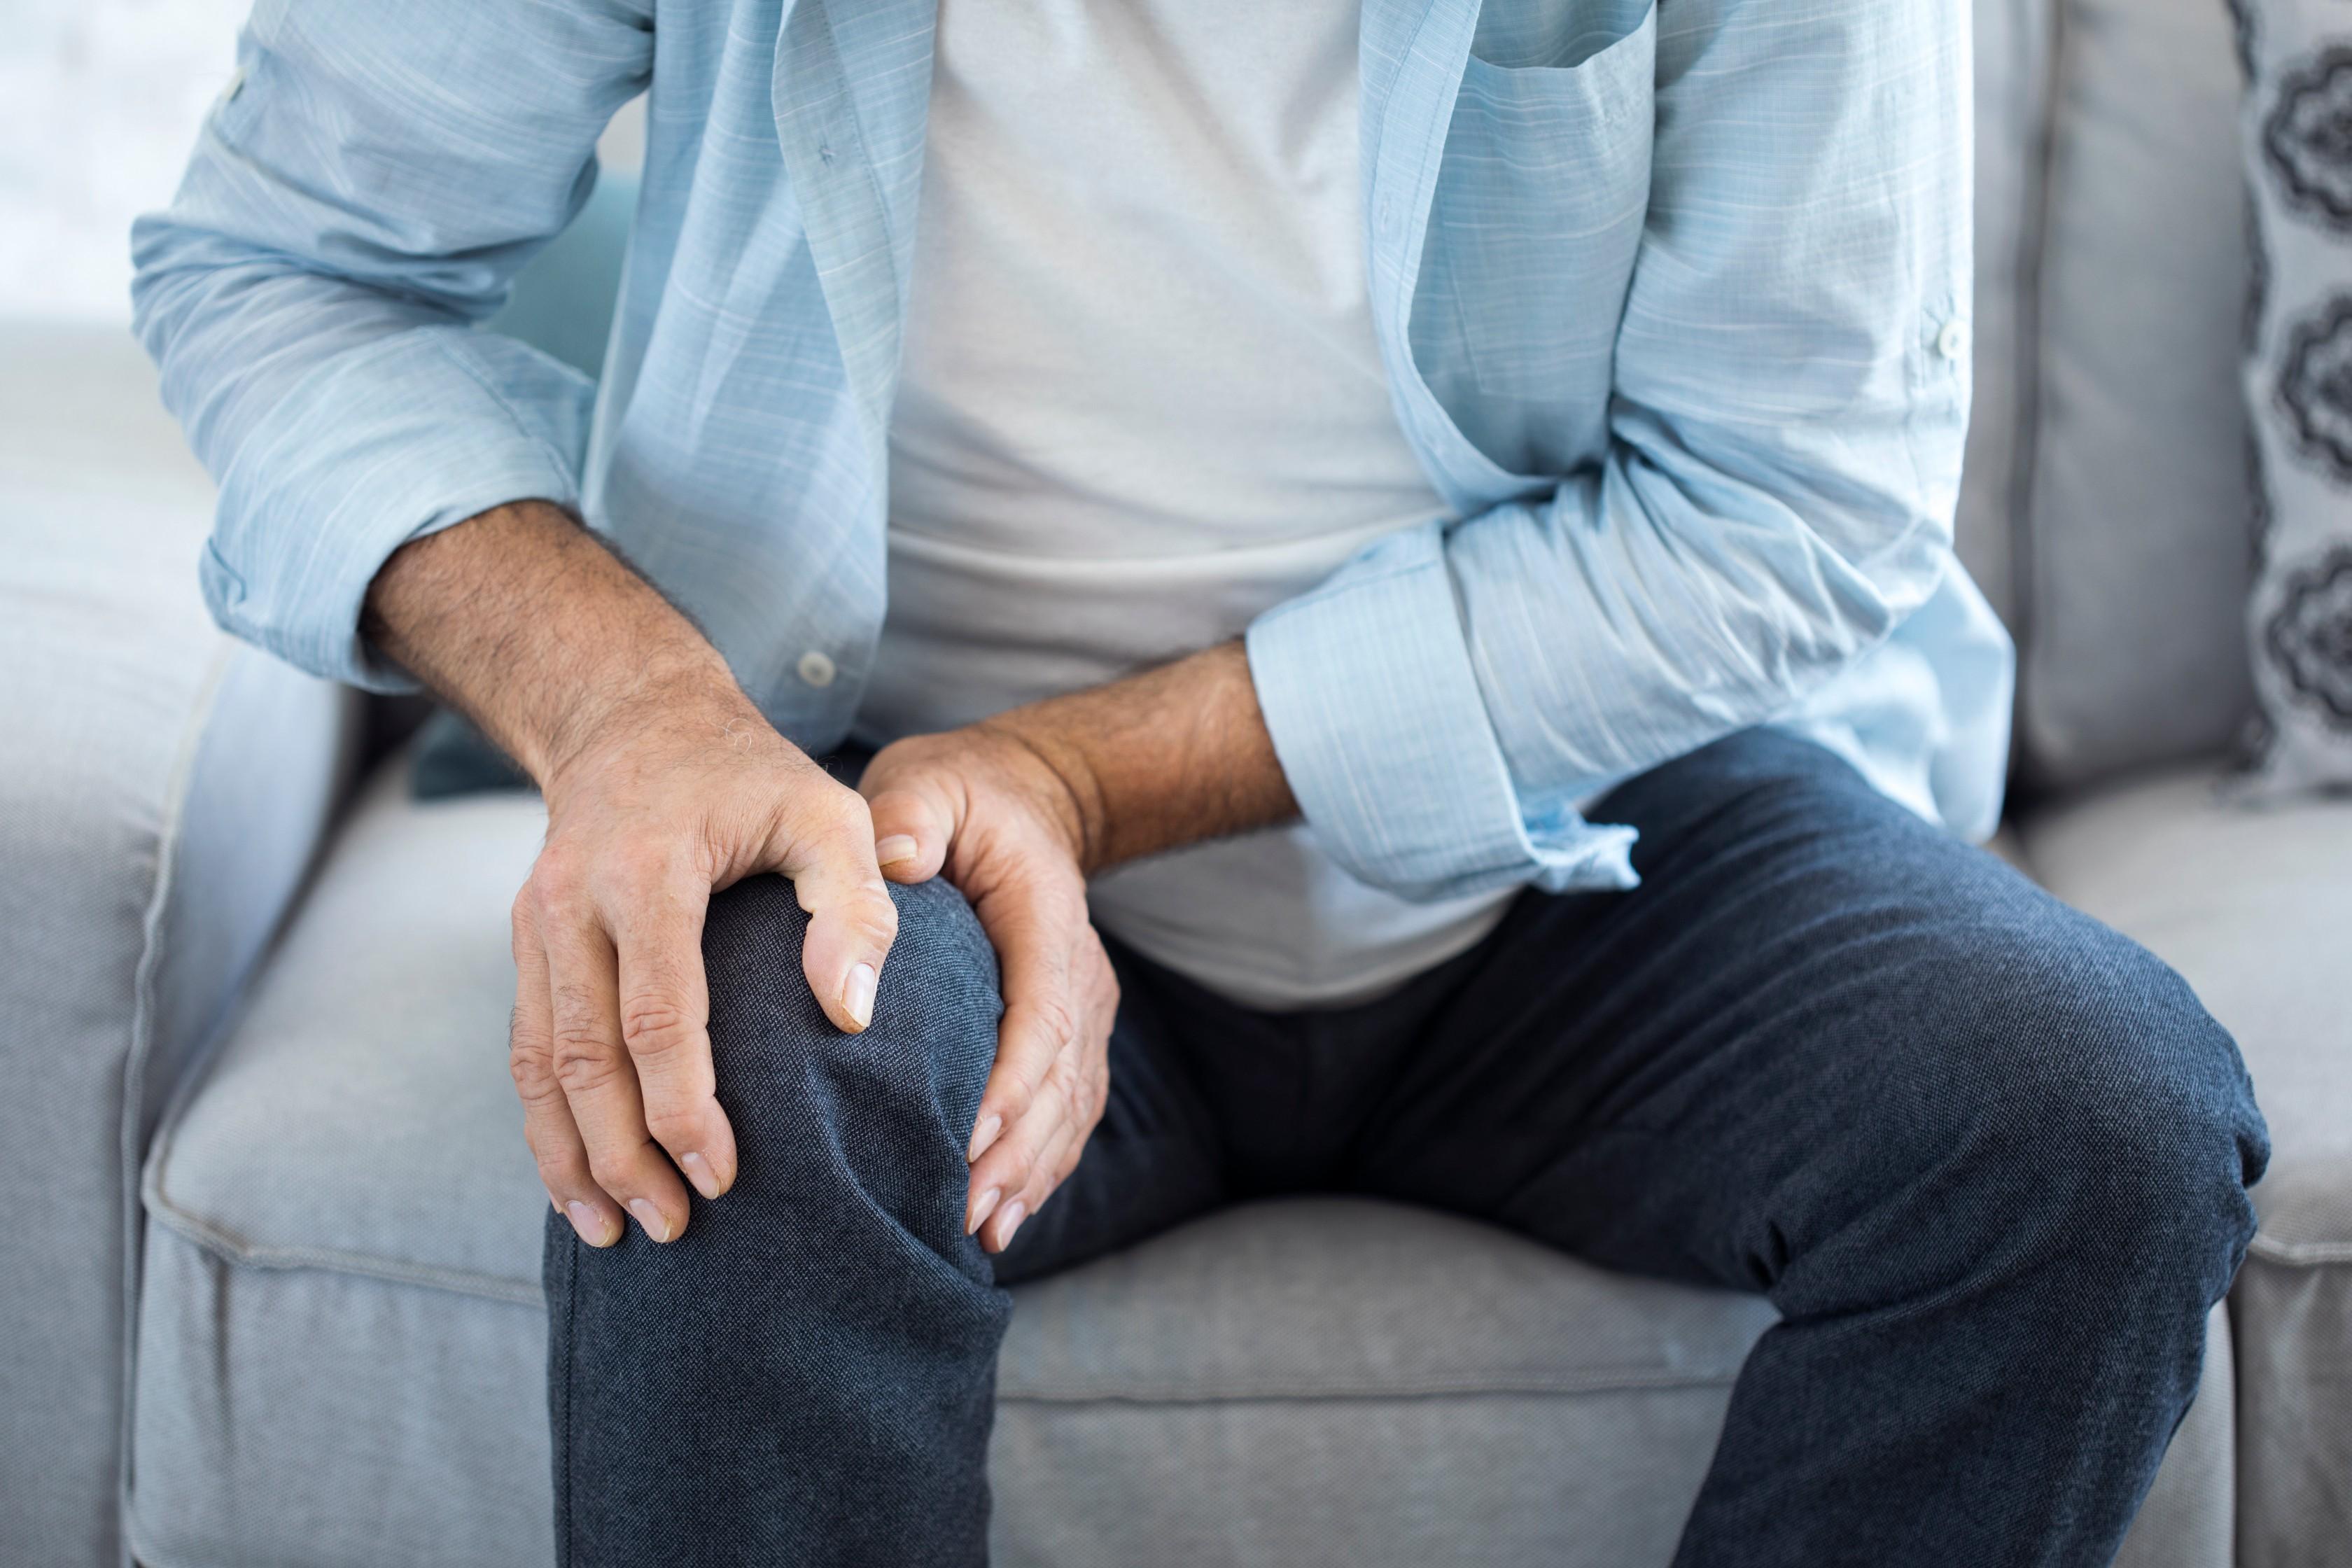 csont- és ízületi fájdalomkezelés ízületi fájdalom a száj kinyitásakor